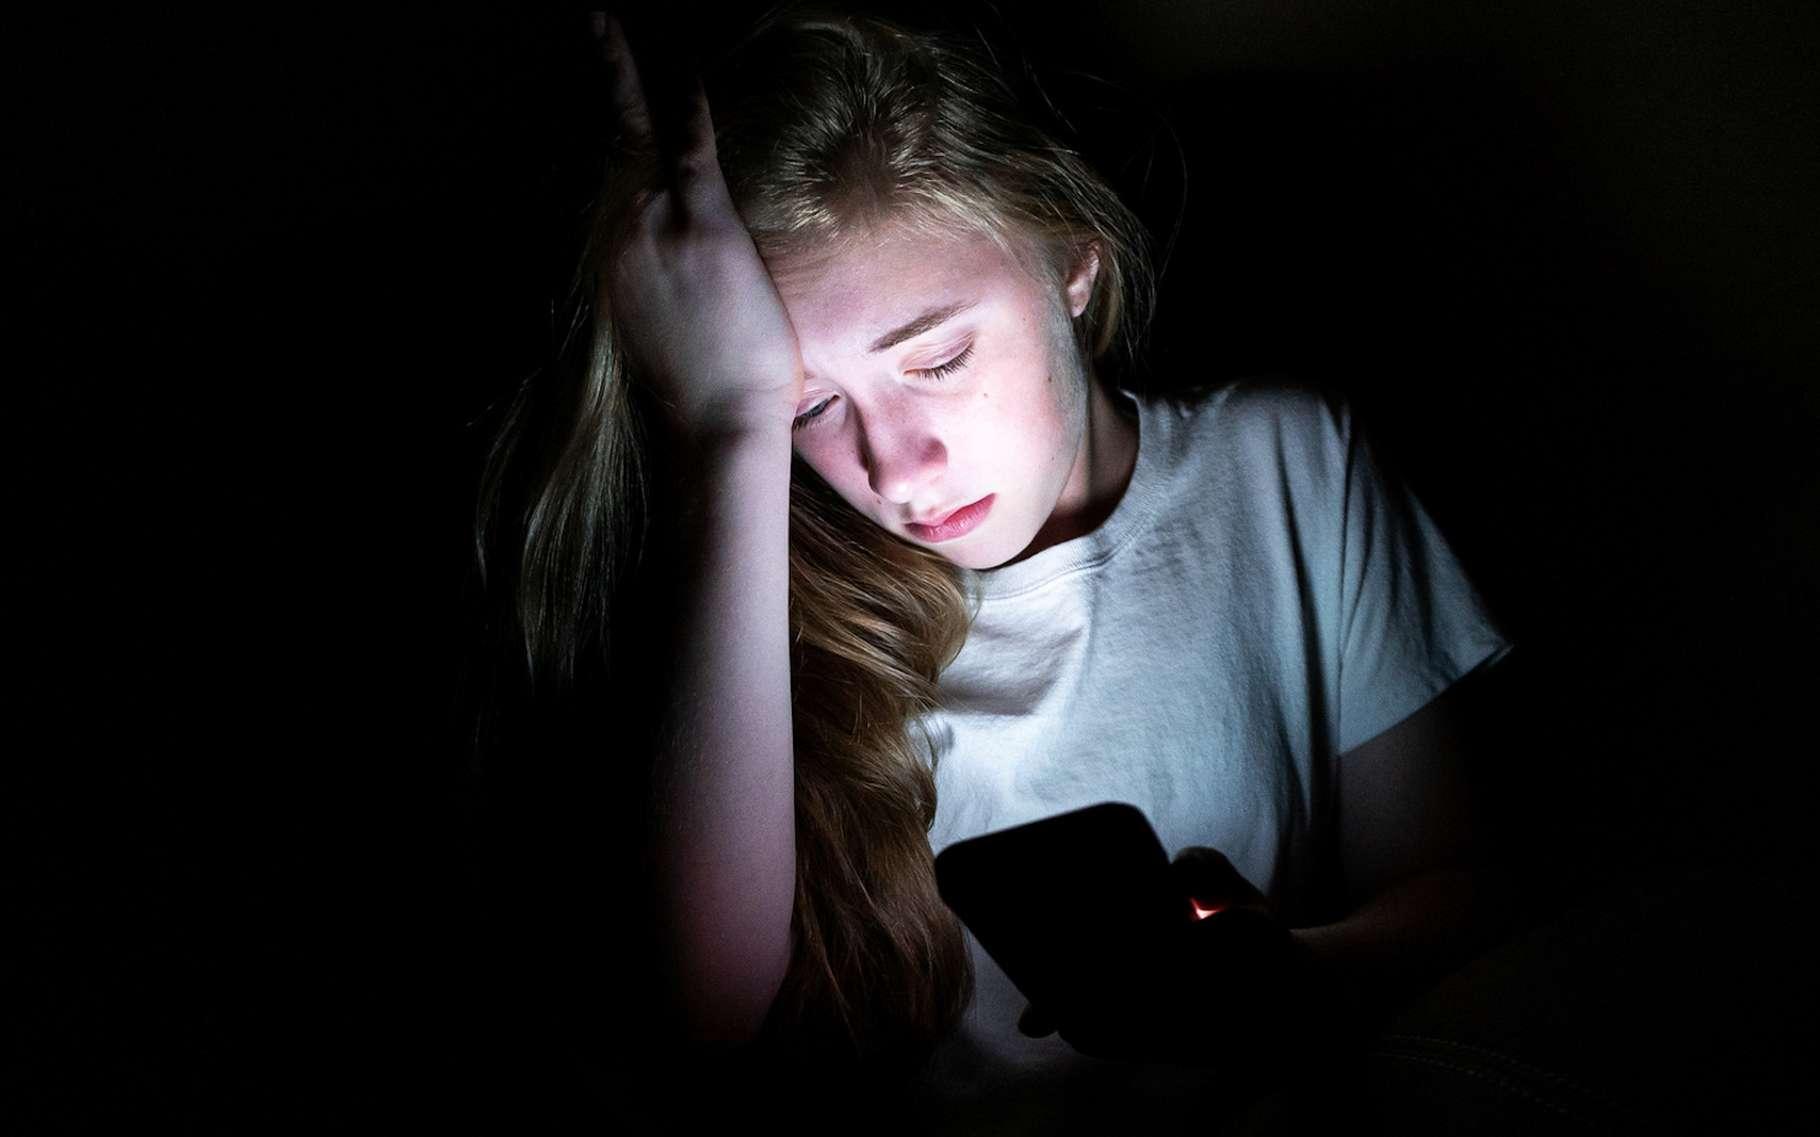 À partir de données recueillies auprès de 300.000 adolescents et leurs parents, des chercheurs concluent à une corrélation négative certes, mais extrêmement faible, entre temps d'écran et bien-être. © Brian, Fotolia